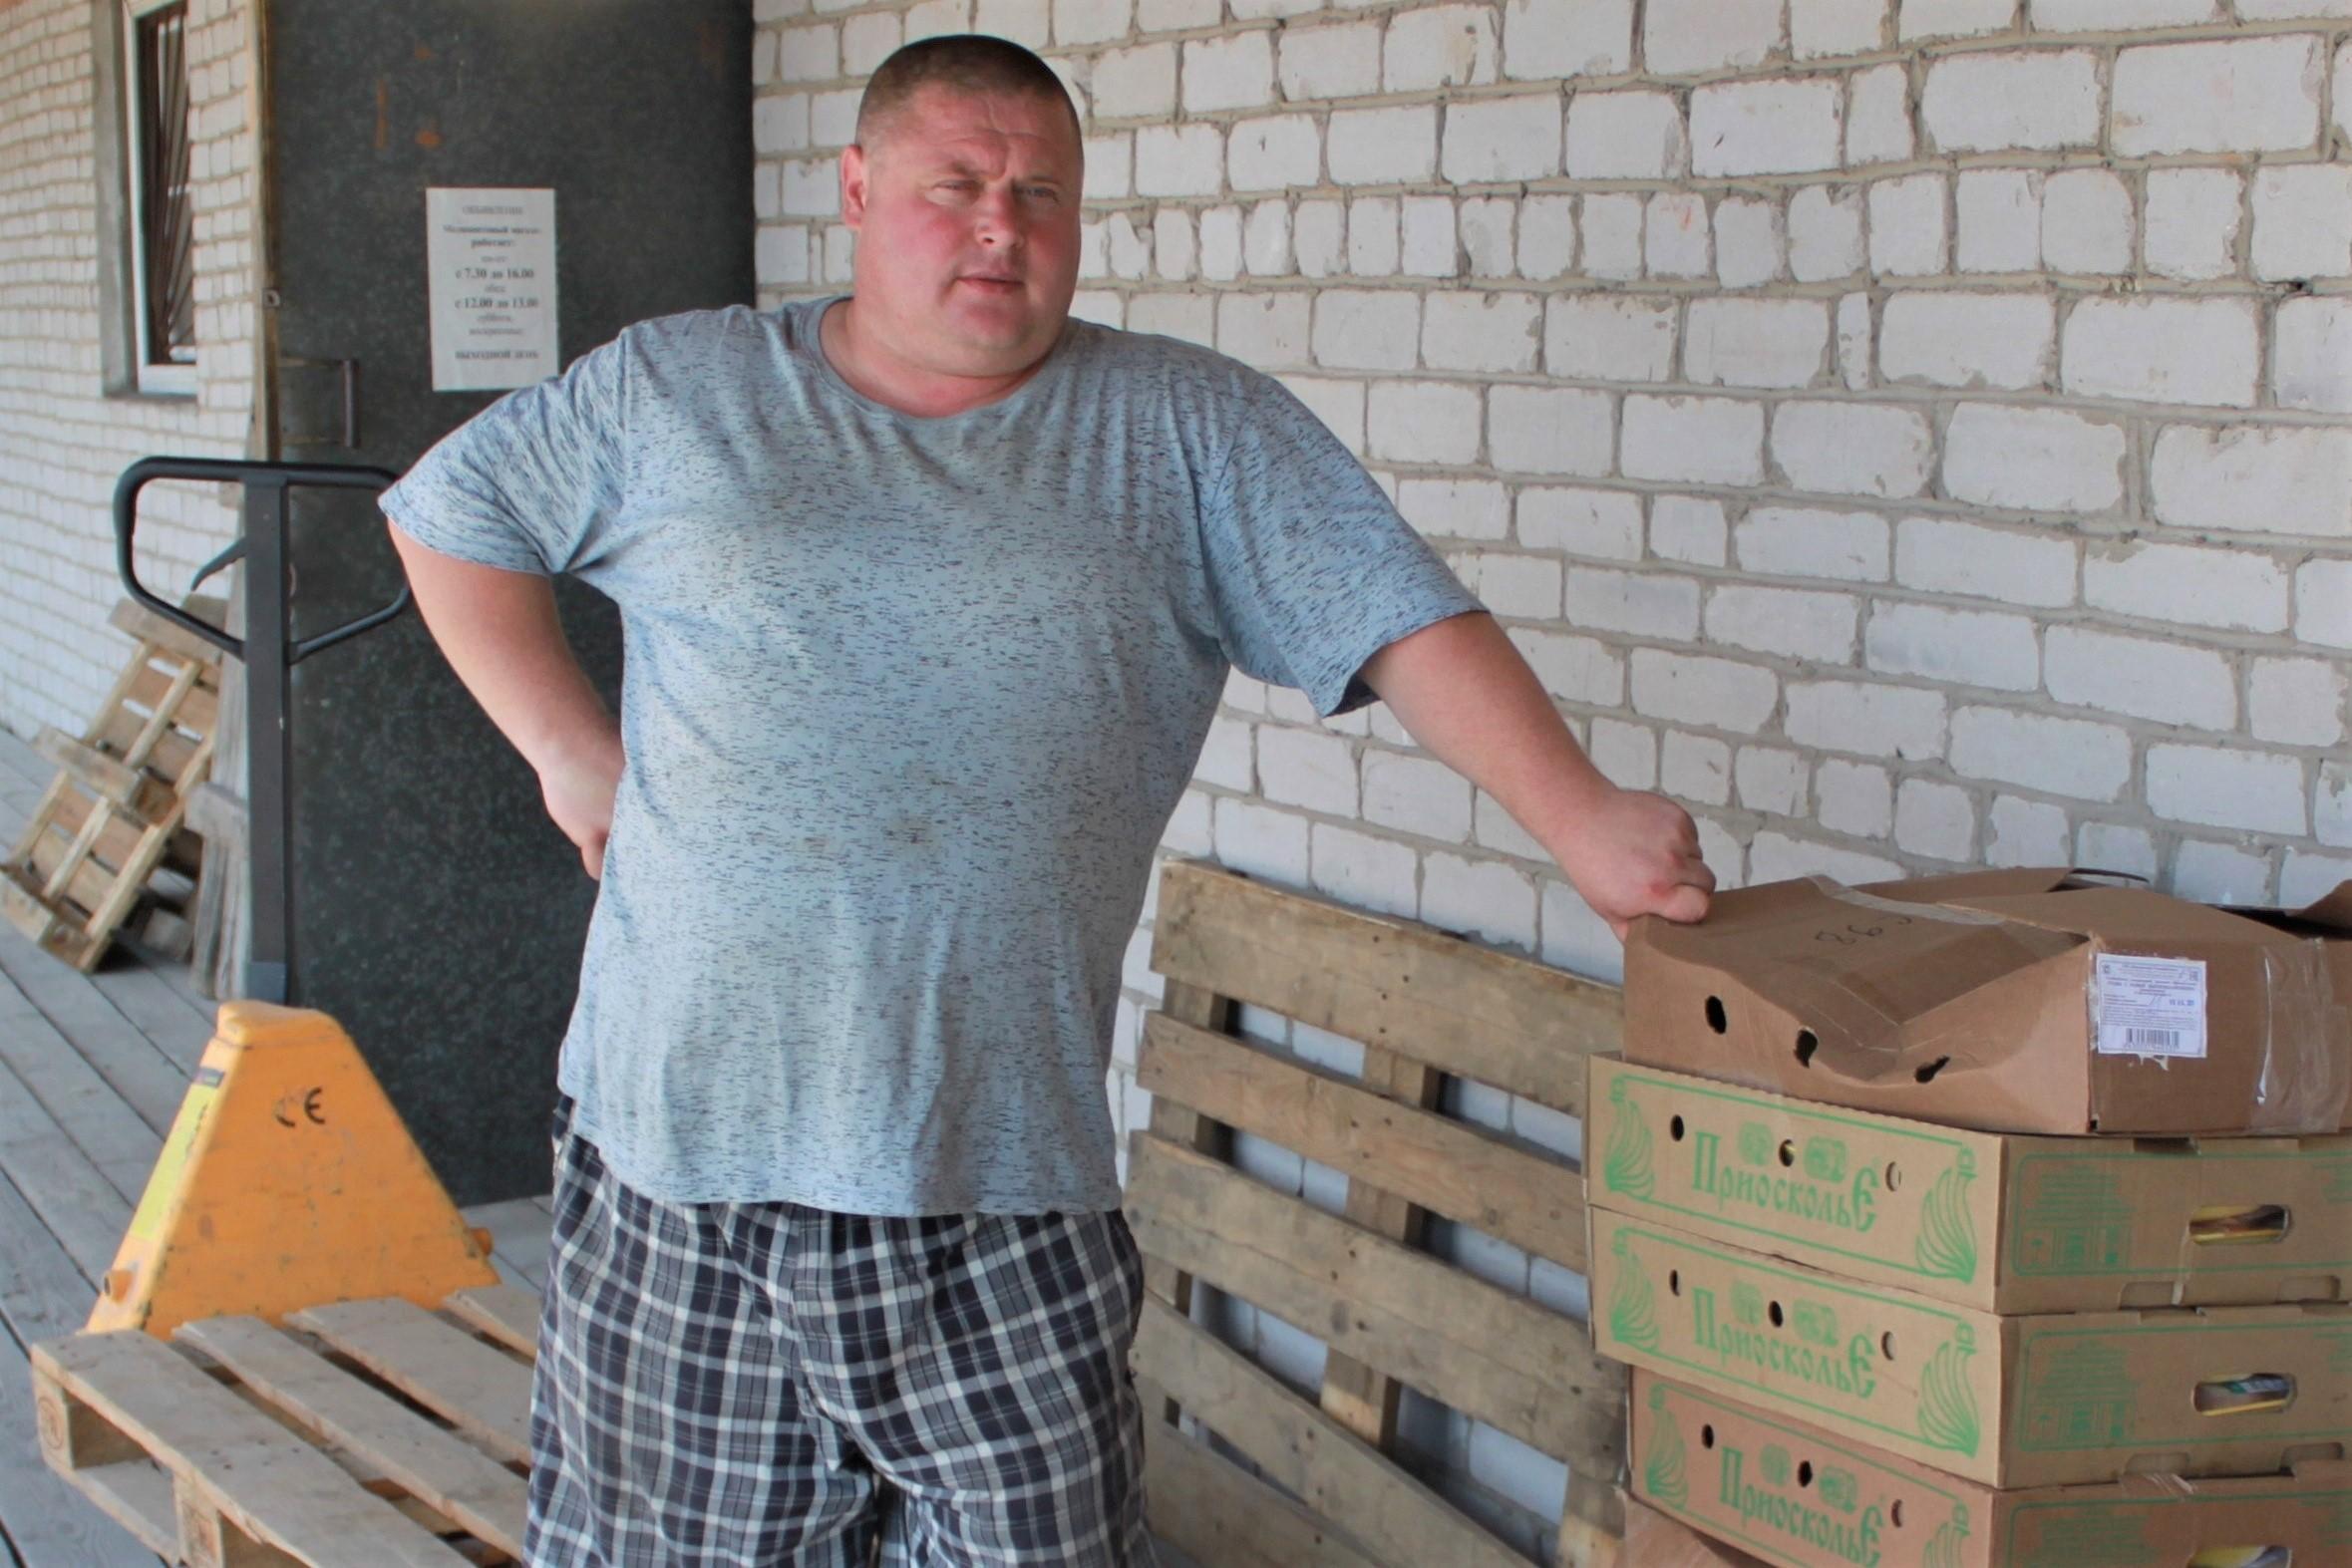 В Каргопольском округе работодатели начали получать субсидии при трудоустройстве безработных граждан